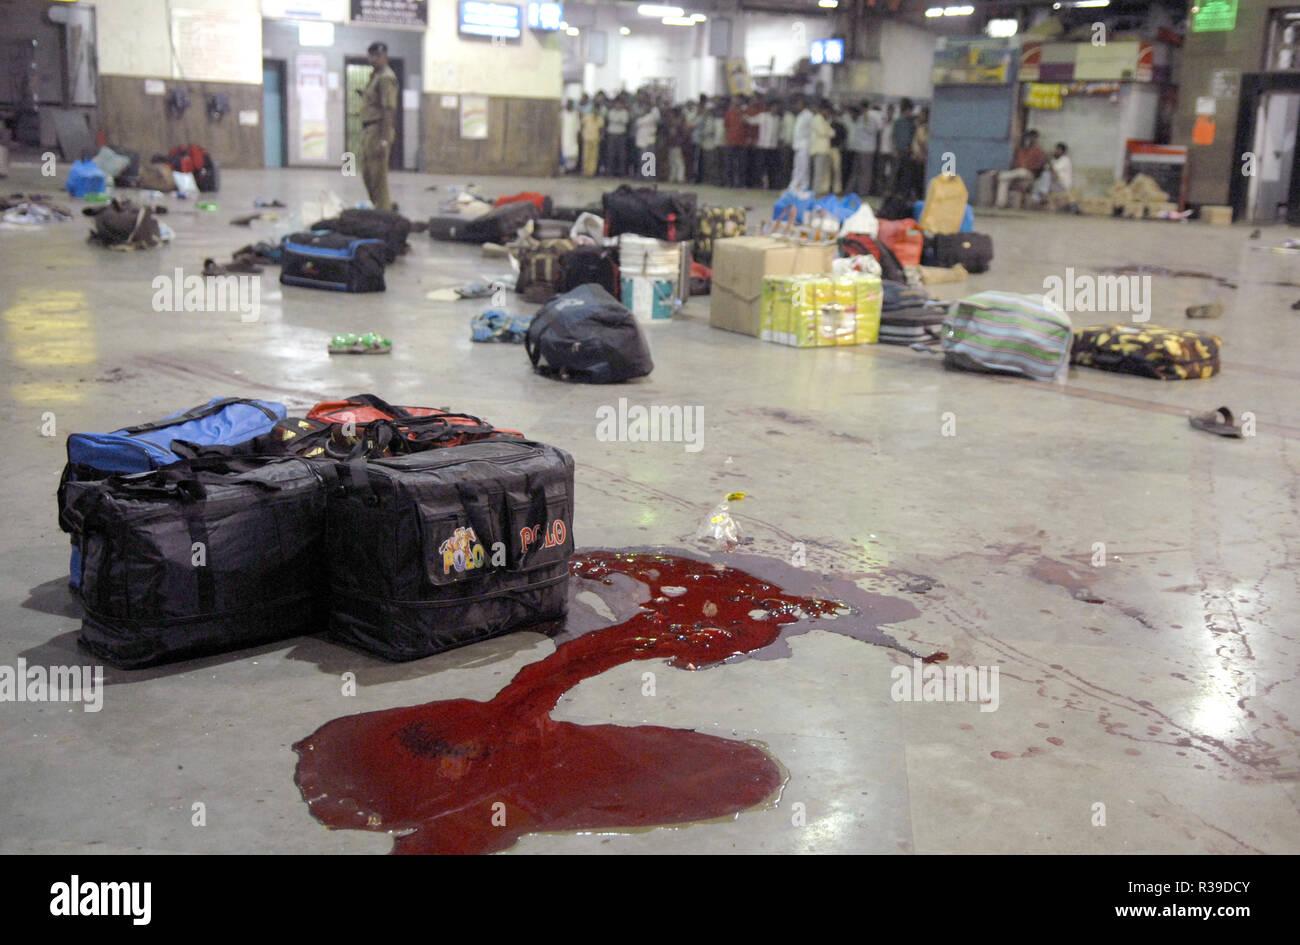 Consigna para equipaje y las manchas de sangre de ataque terrorista por Deccan Muyahidín terroristas en Mumbai, India, la estación del CCT 27/11/2008. Los terroristas mataron a 100 personas y más de 200 heridos en una serie de ataques coordinados a través de la India?s del centro financiero de Mumbai como pistoleros fuertemente armados en grupos de dos a cuatro abrieron fuego con armas automáticas y granadas lobbed en 10 lugares en el sur de Mumbai, incluidos los cinco estrellas hoteles Taj y Trident, la ciudad?s terminal principal de trenes, un hospital, una cafetería, un pub y una sala de cine. Foto: Dinodia (c) dpa - Report | uso en todo el mundo Foto de stock